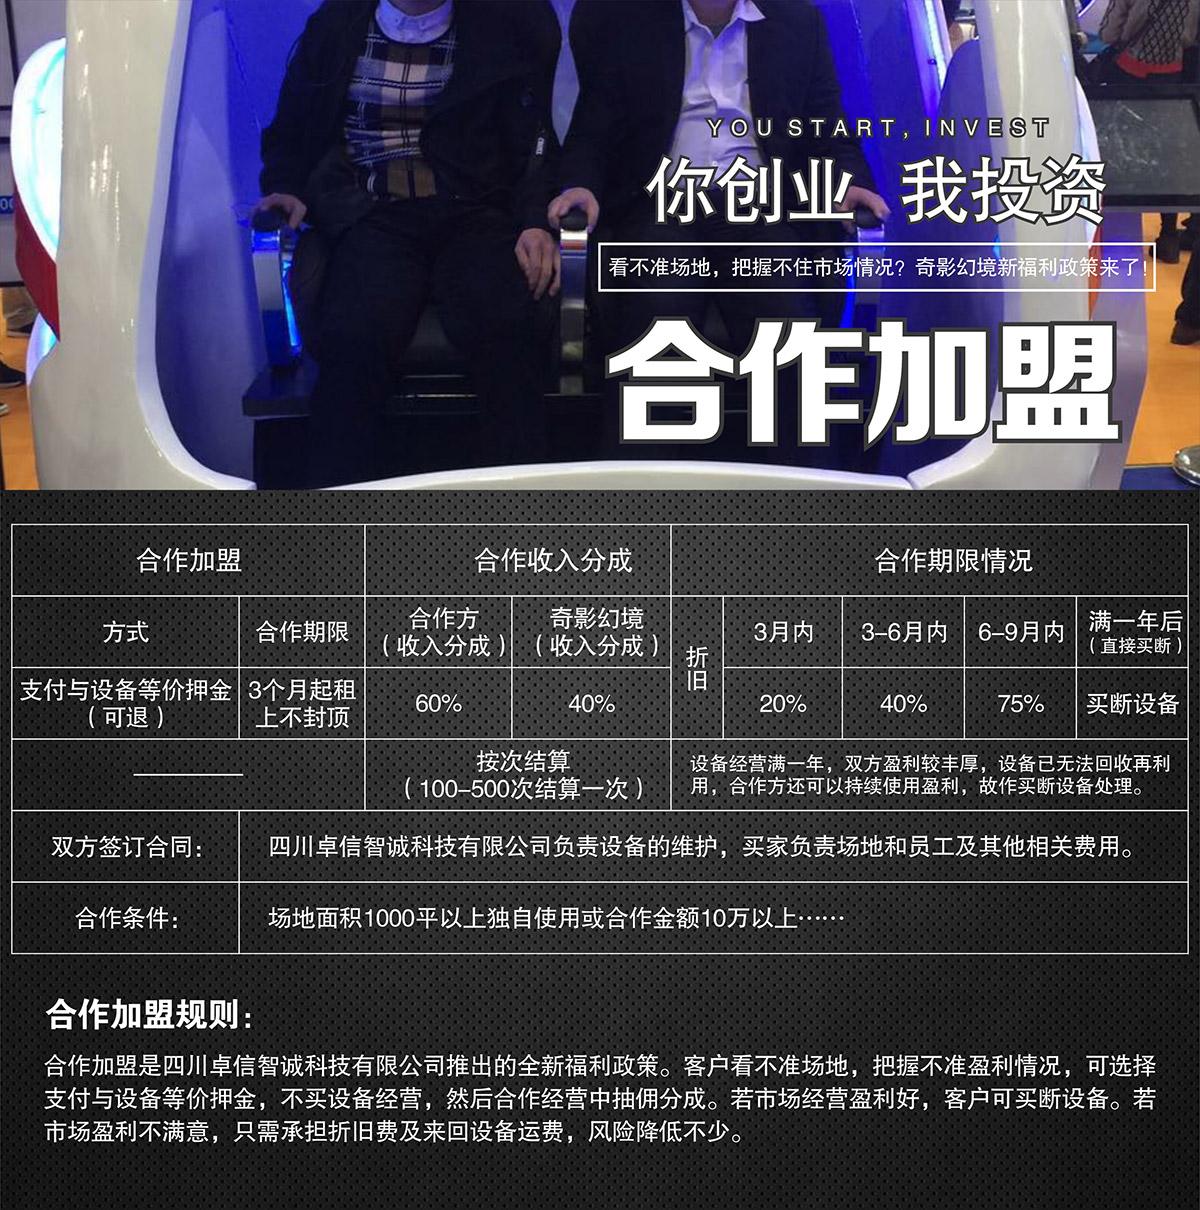 安全体验VR太空舱合作加盟.jpg